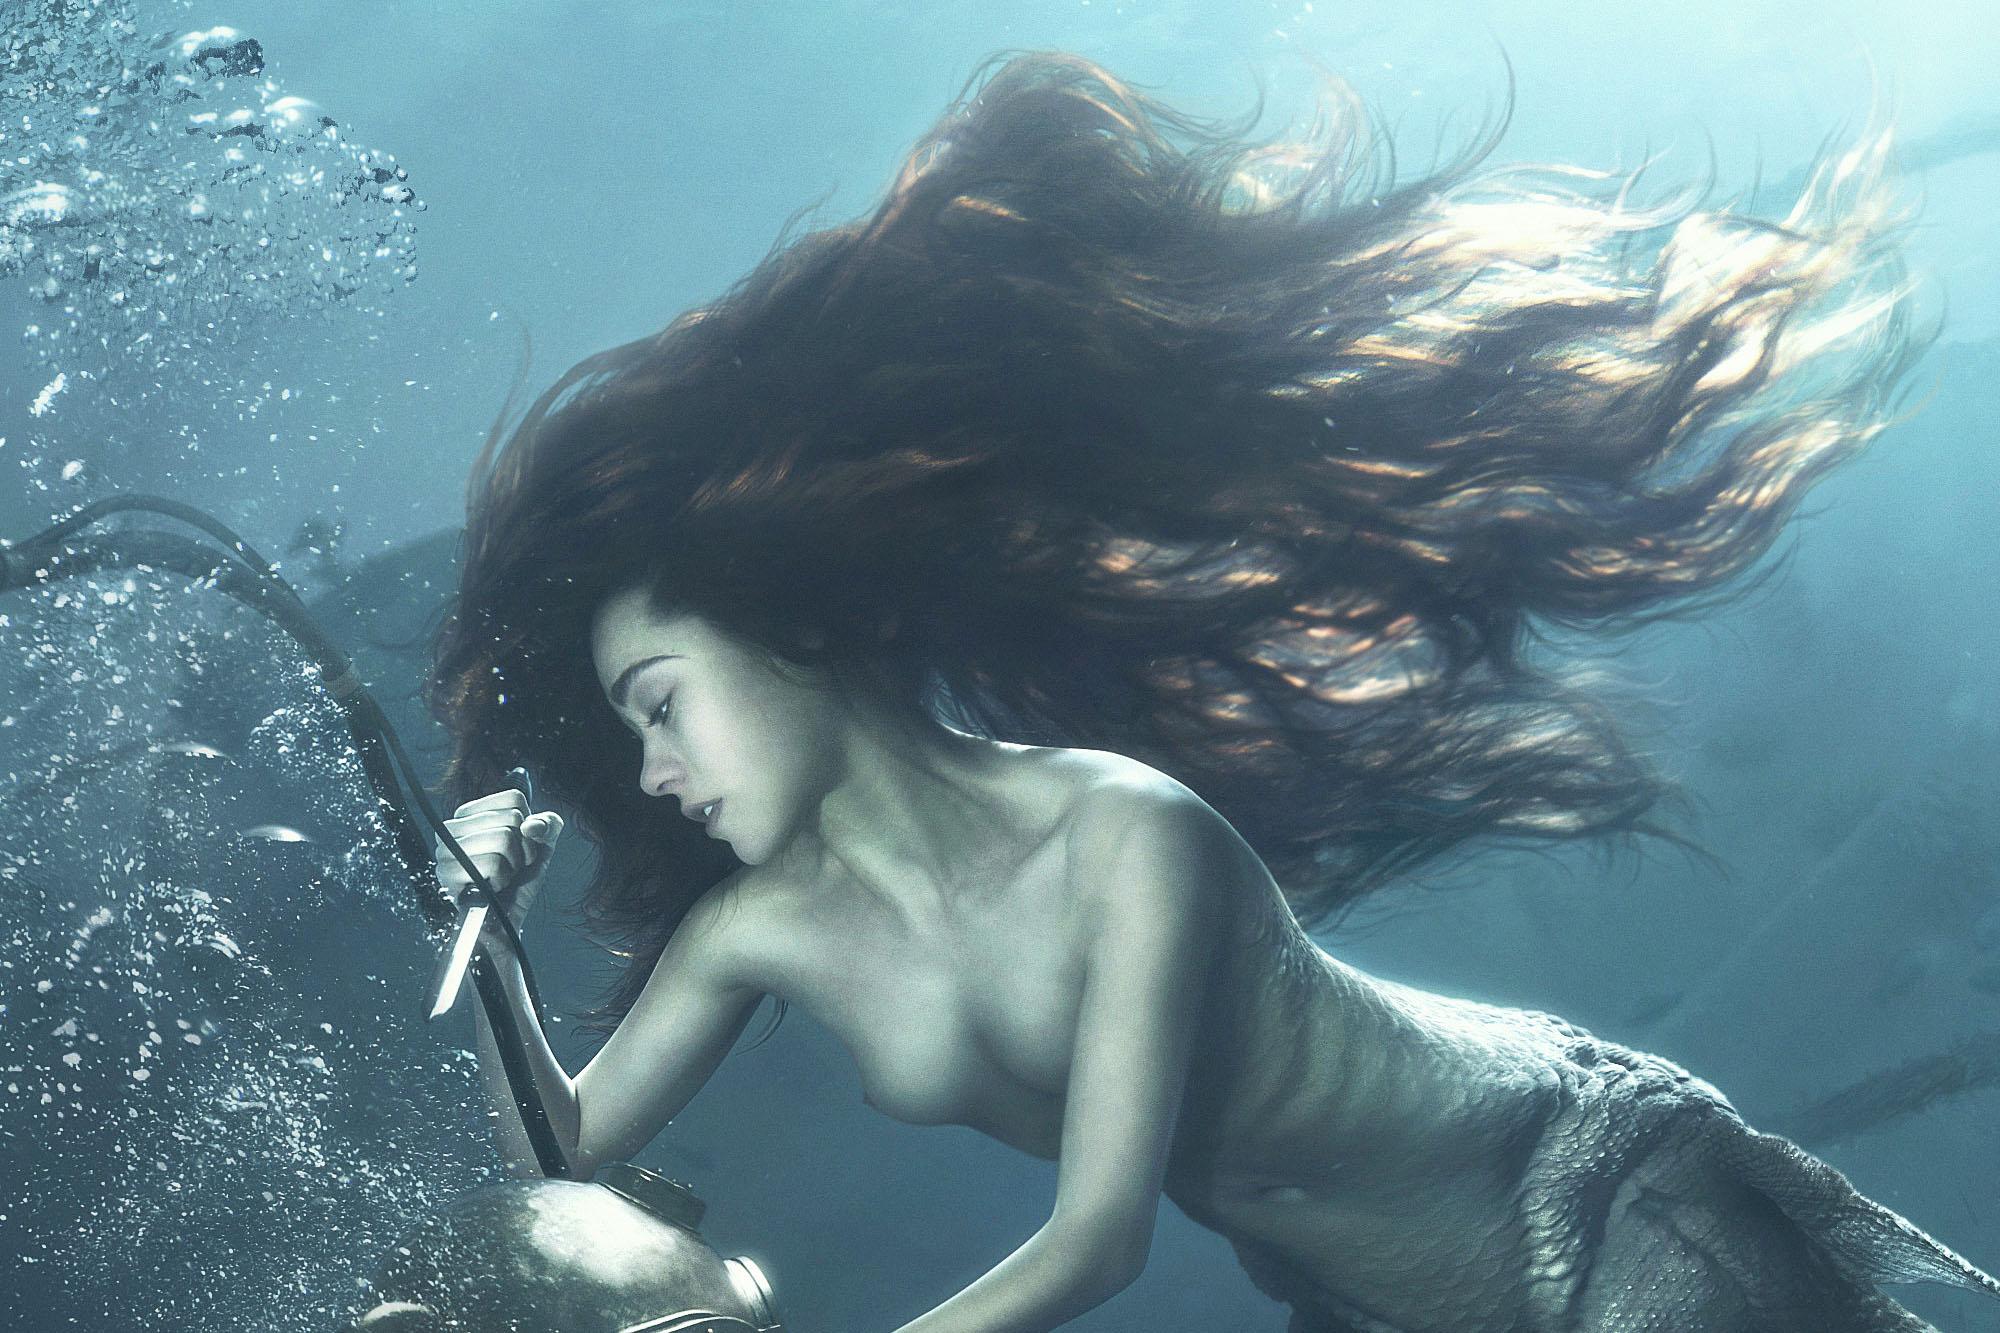 3_Retouching_Academy_LightFarmStudios_Mermaids_MainImage3_2000px